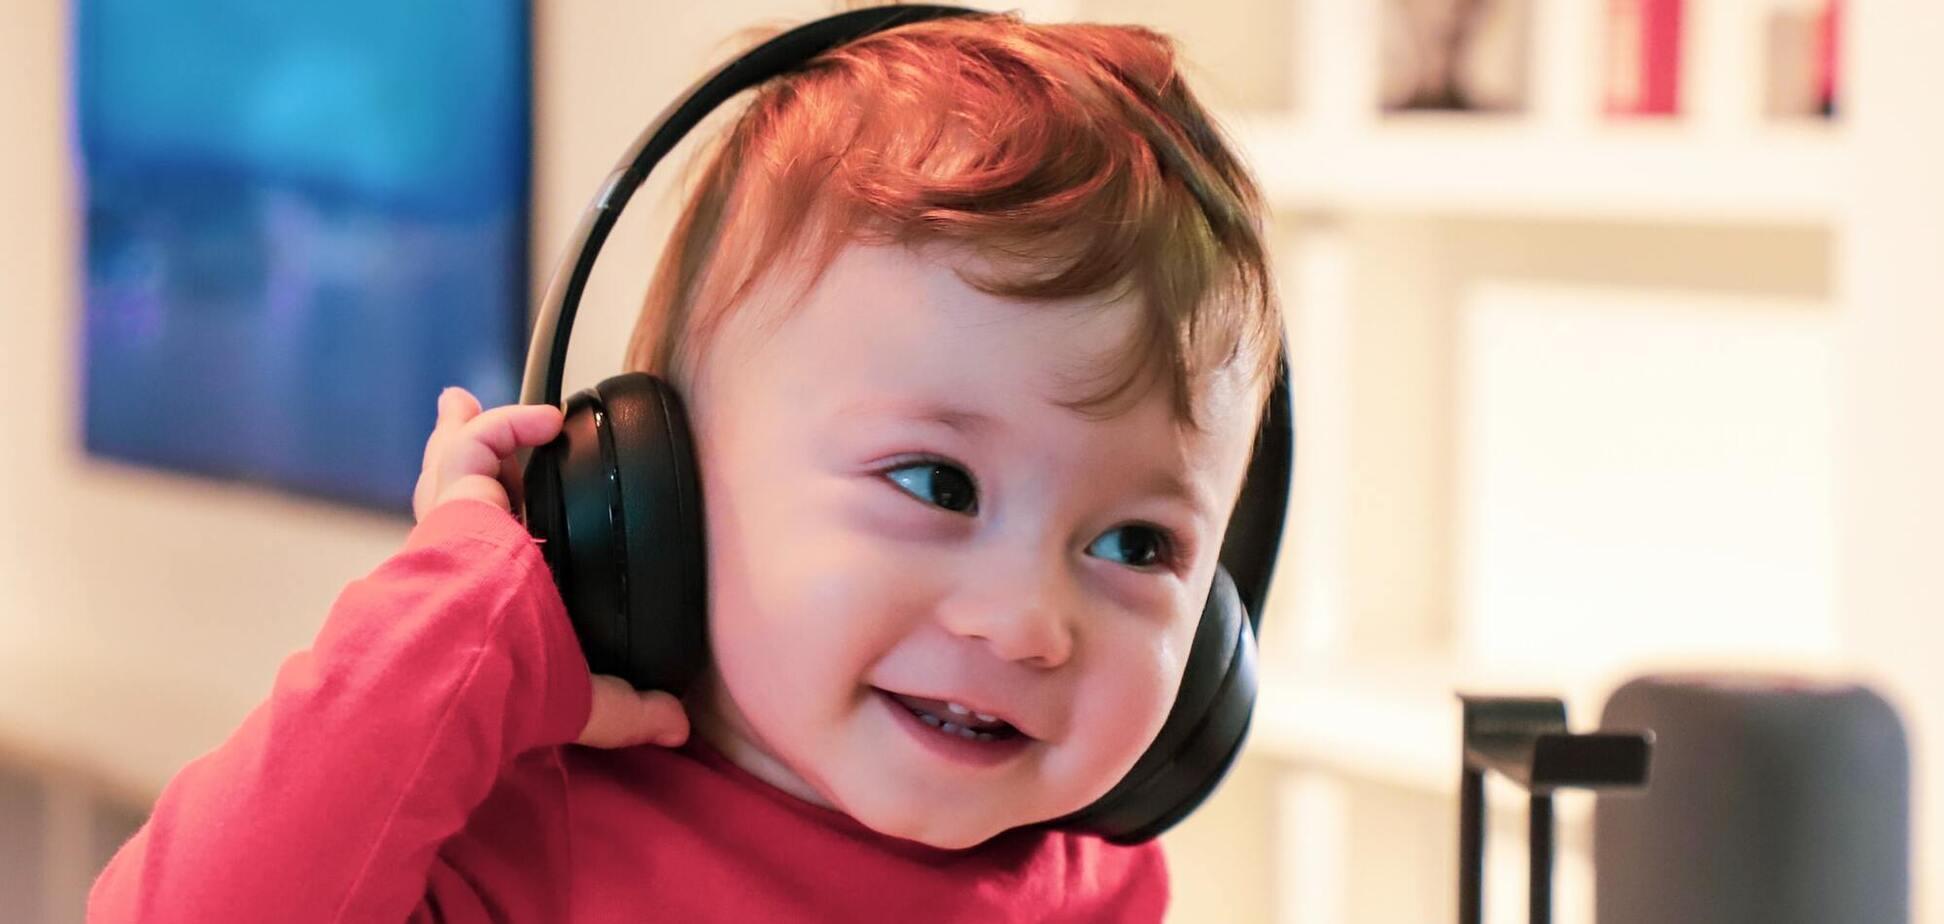 У дітей, які займаються музикою, виявили підвищену активність в областях мозку, пов'язаних зі слухом і увагою